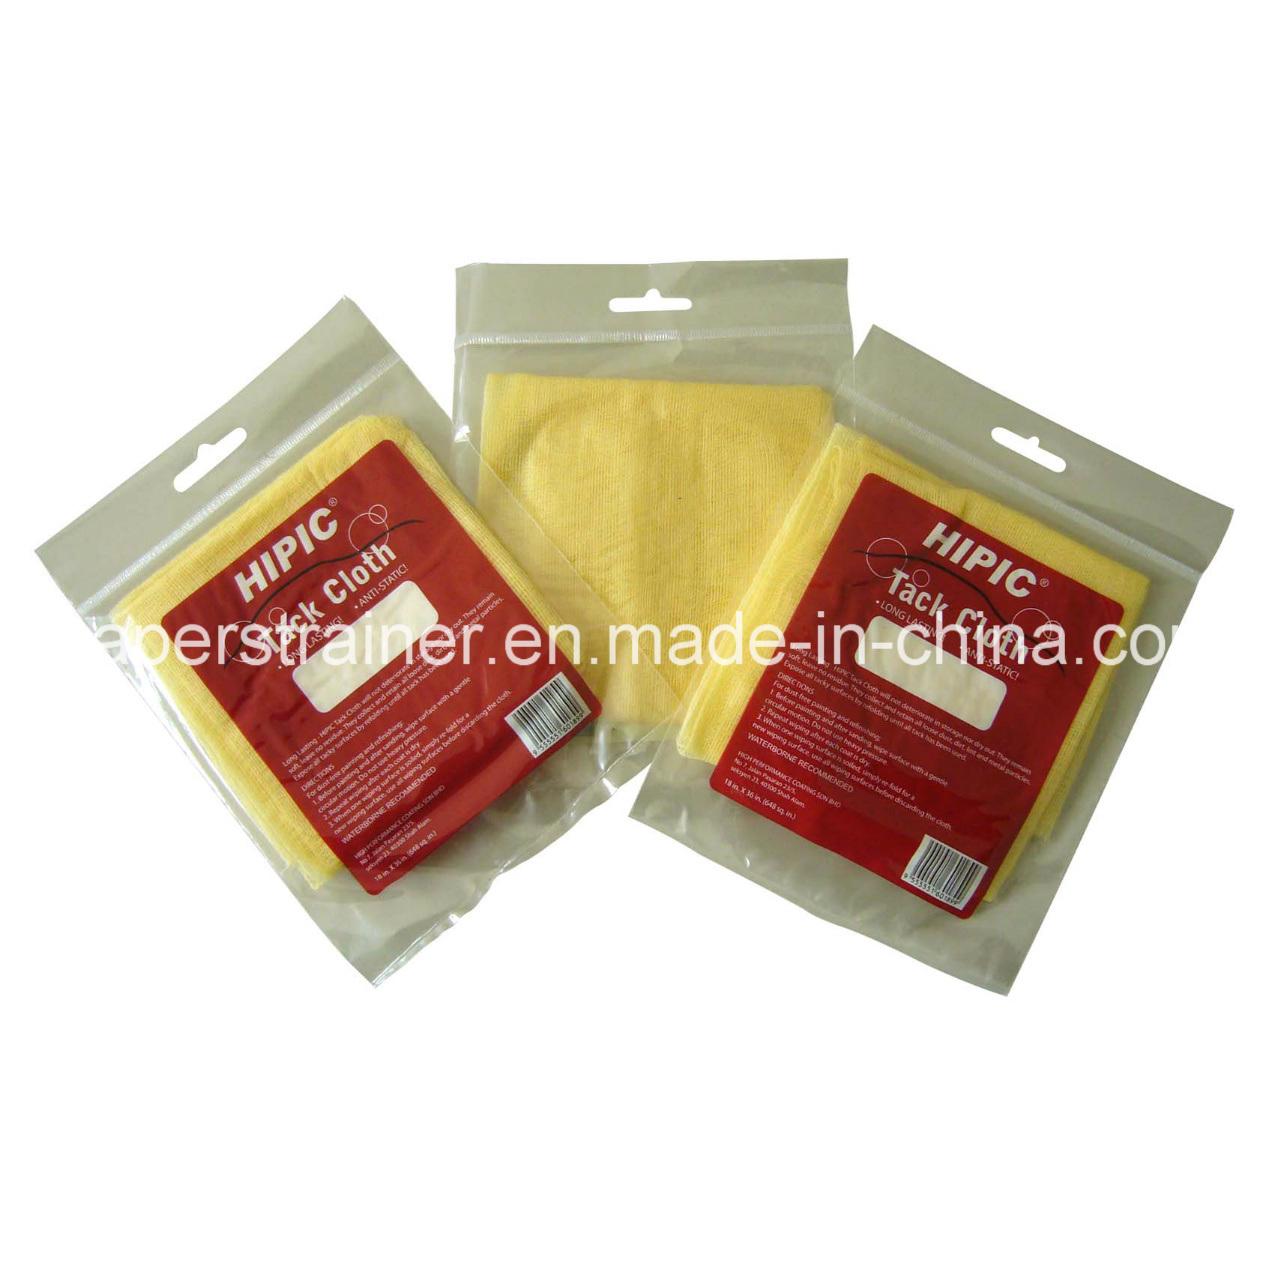 """High Quality Yellow Tack Cloth 18""""X36"""" (46X92cm)"""